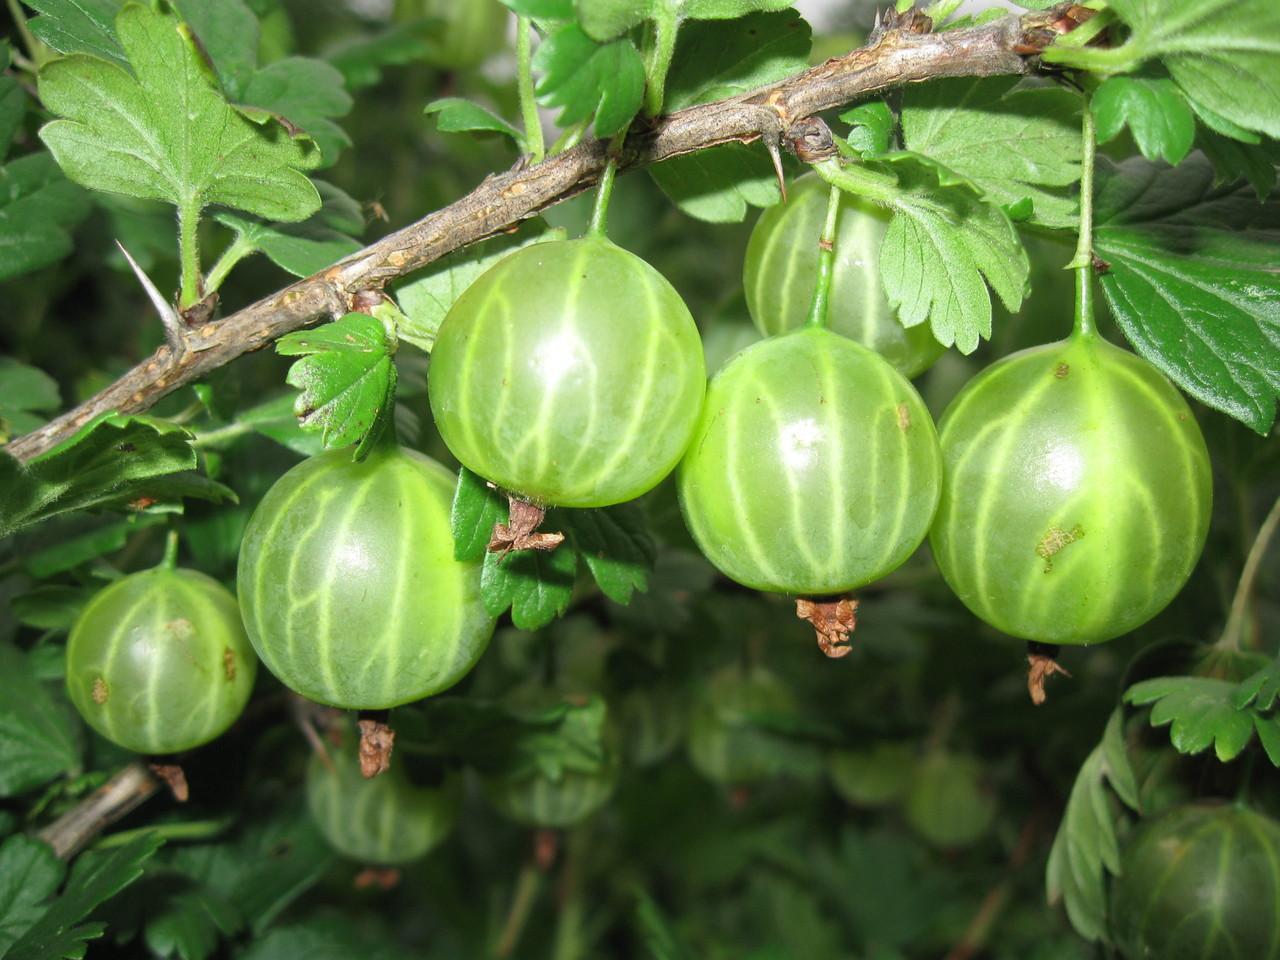 Ягоды крупные, зеленого окраса, без опушения